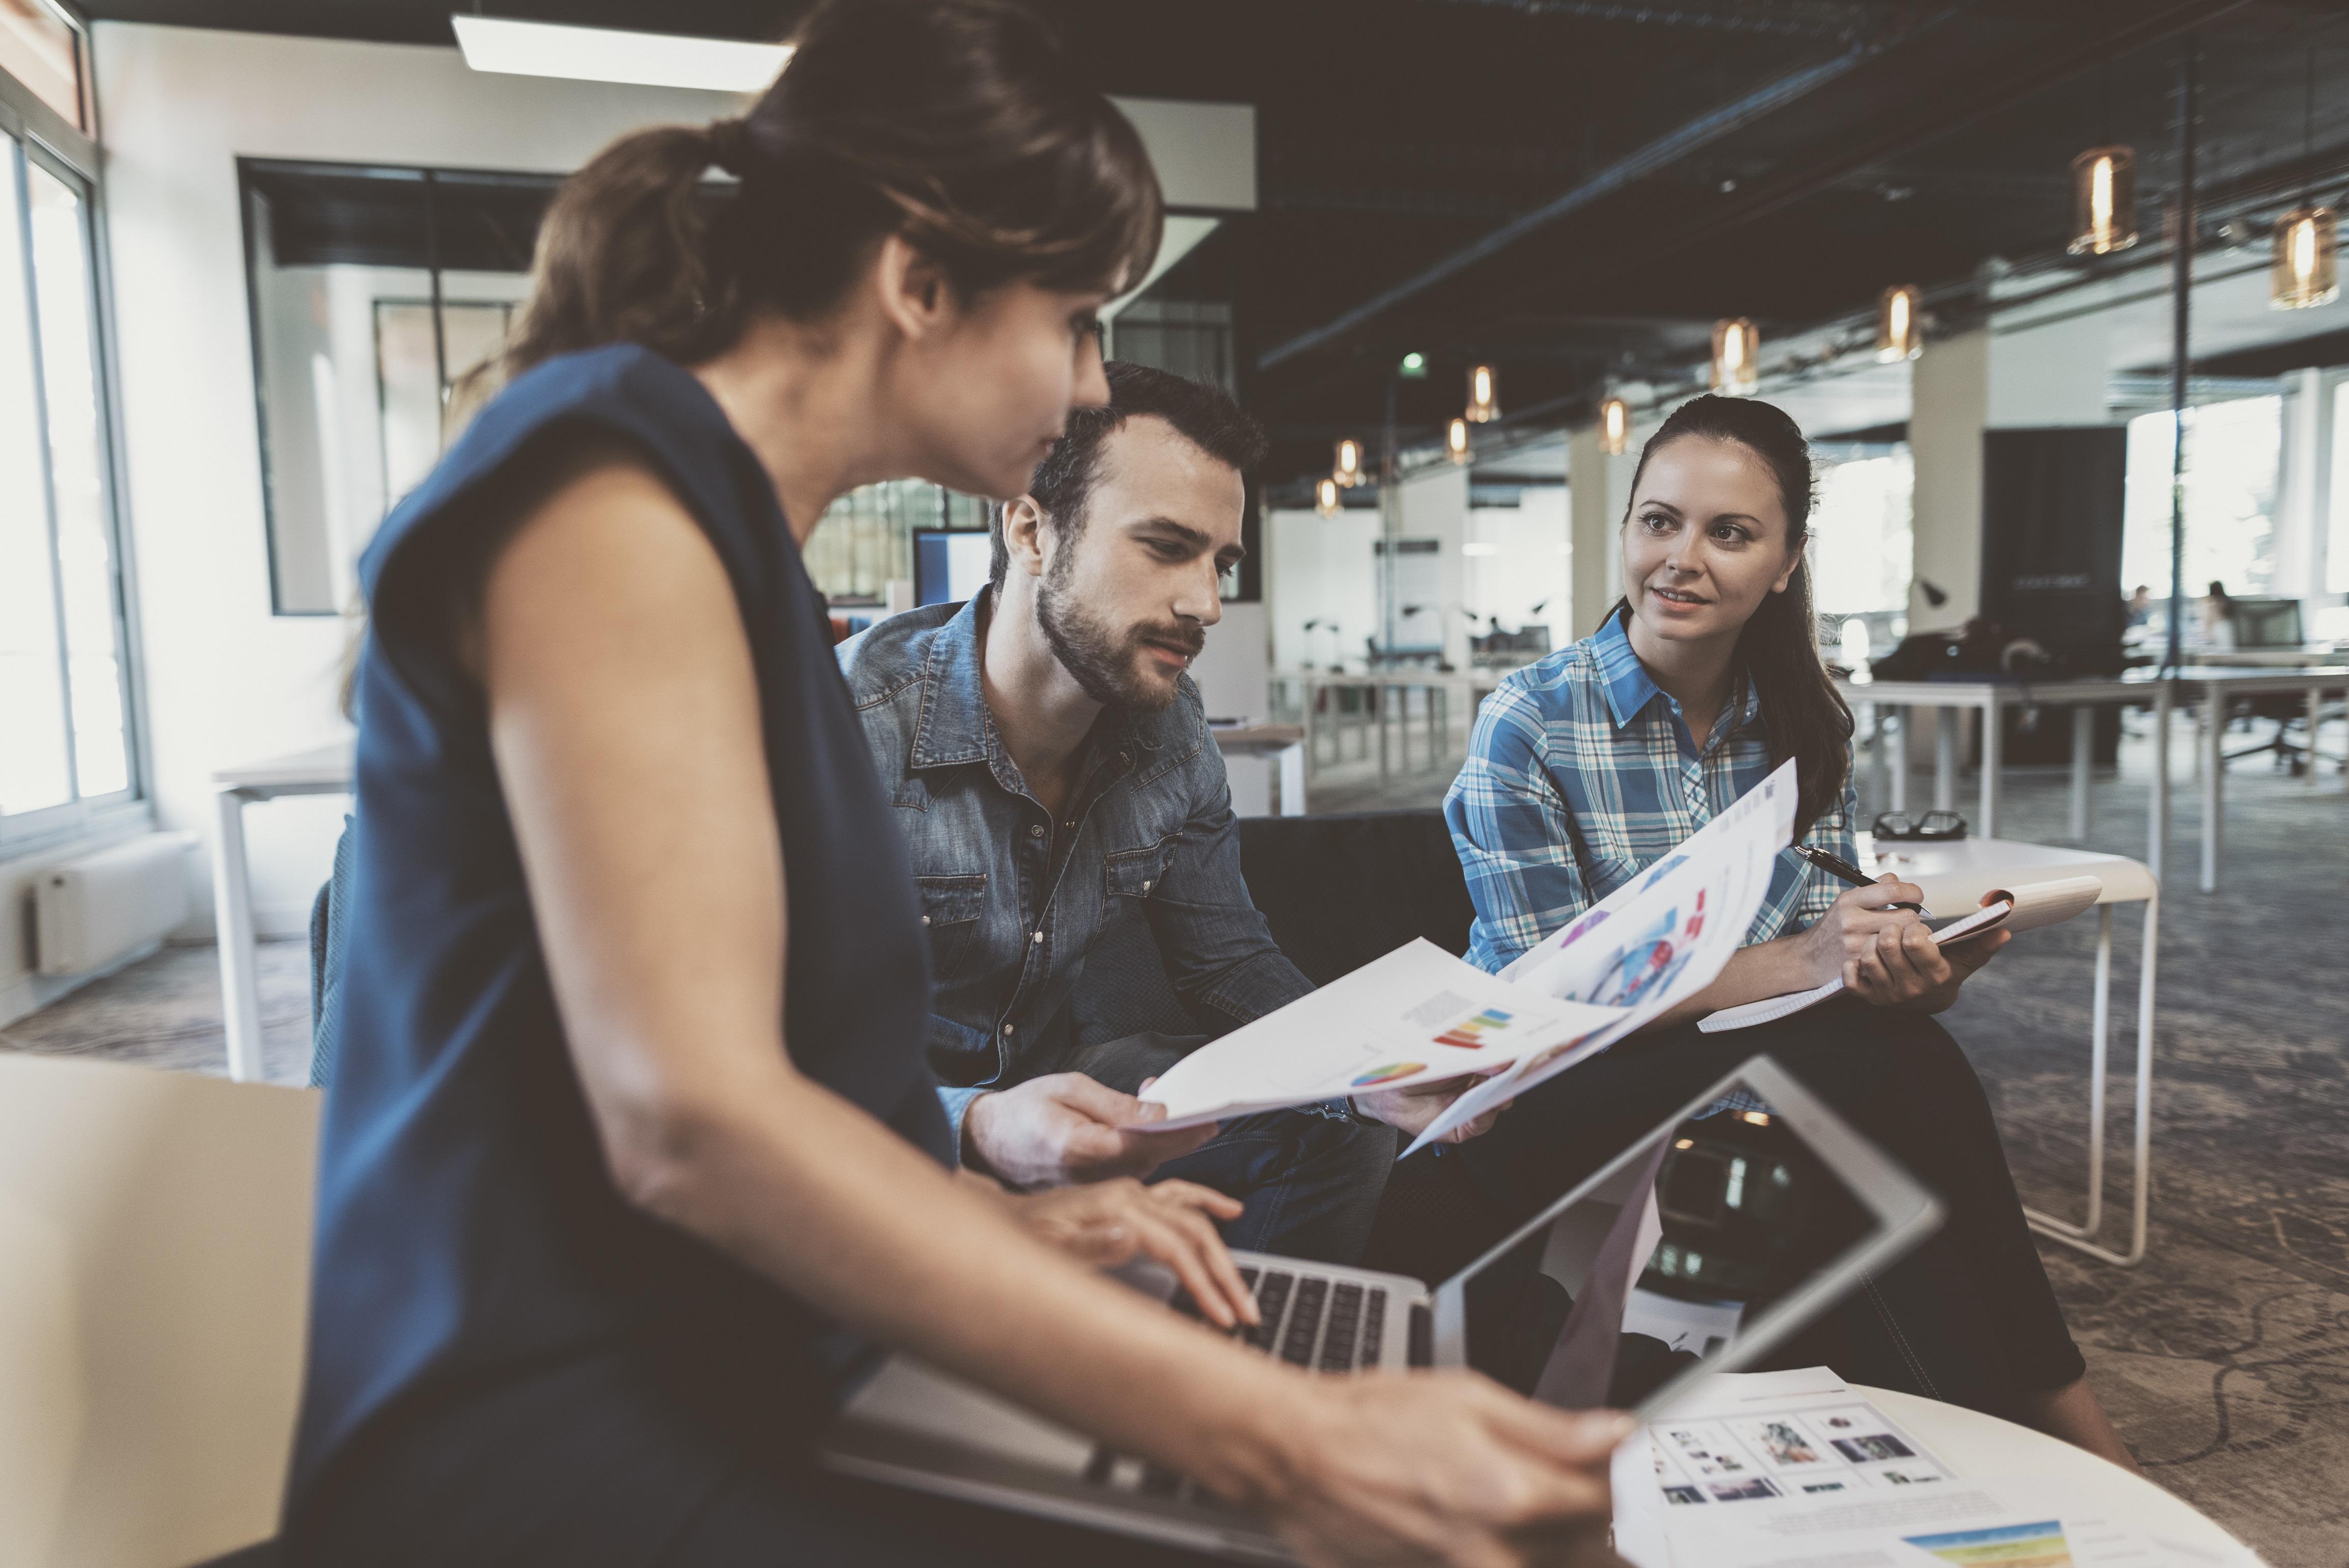 Drei junge Menschen erleben das zusammenwachsen von Lernen und Arbeiten